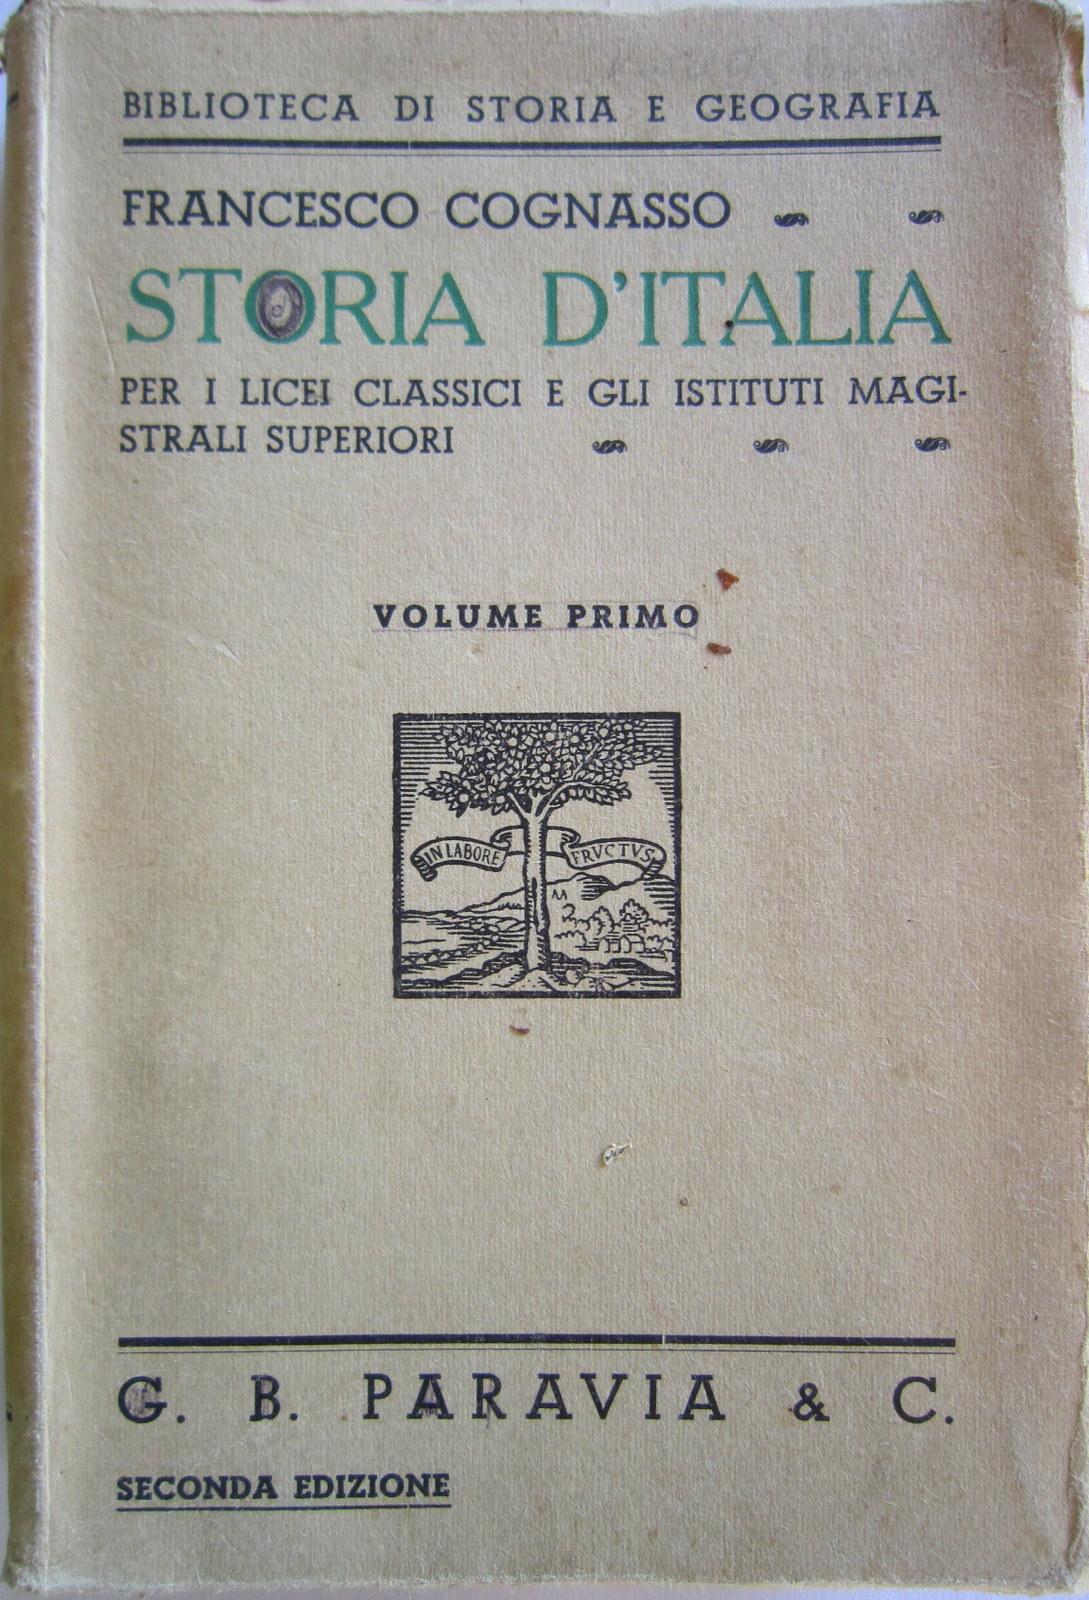 Storia d'Italia - Volume primo